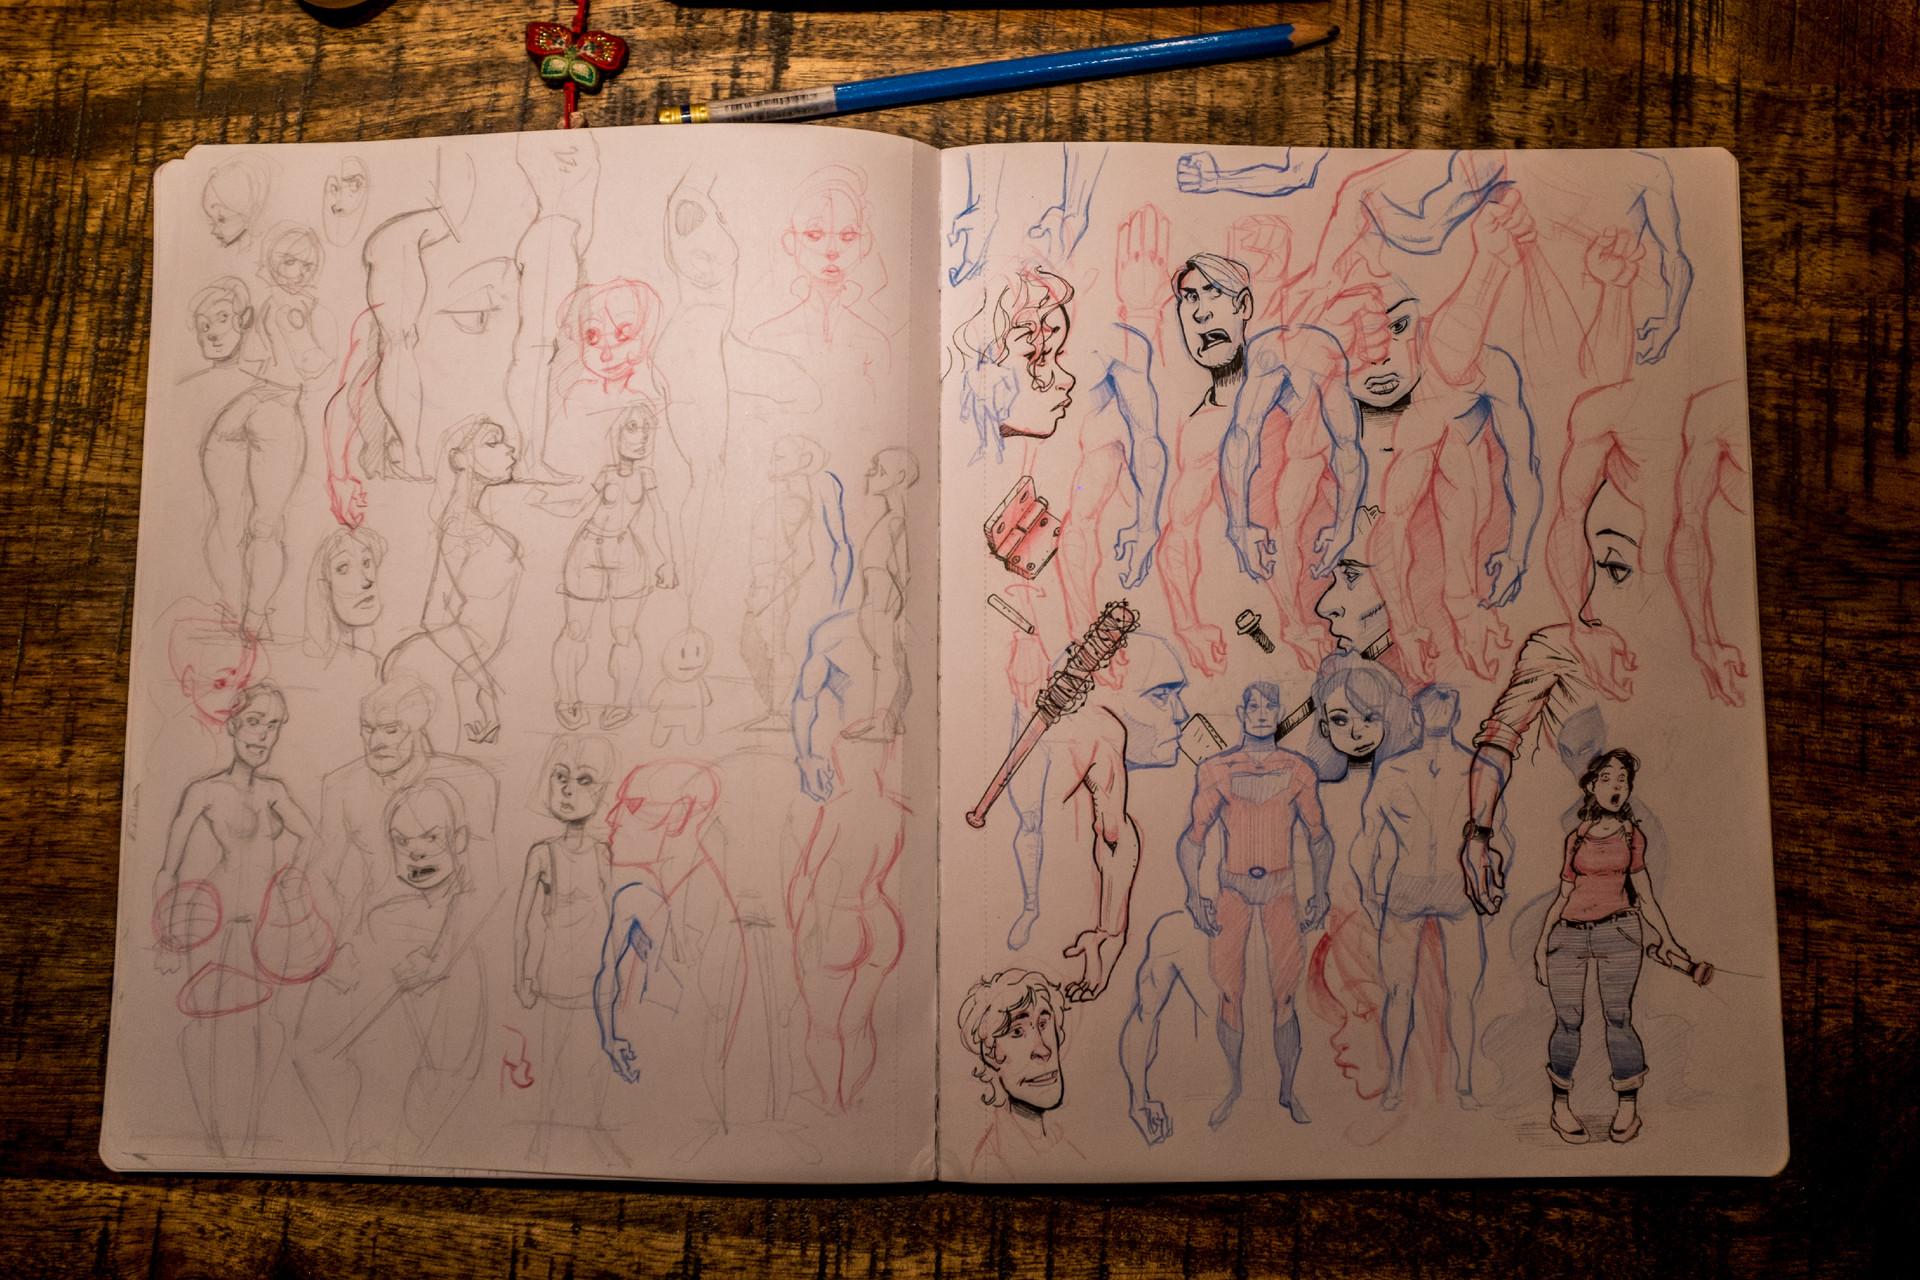 Vincent derozier vincent derozier drawings 8